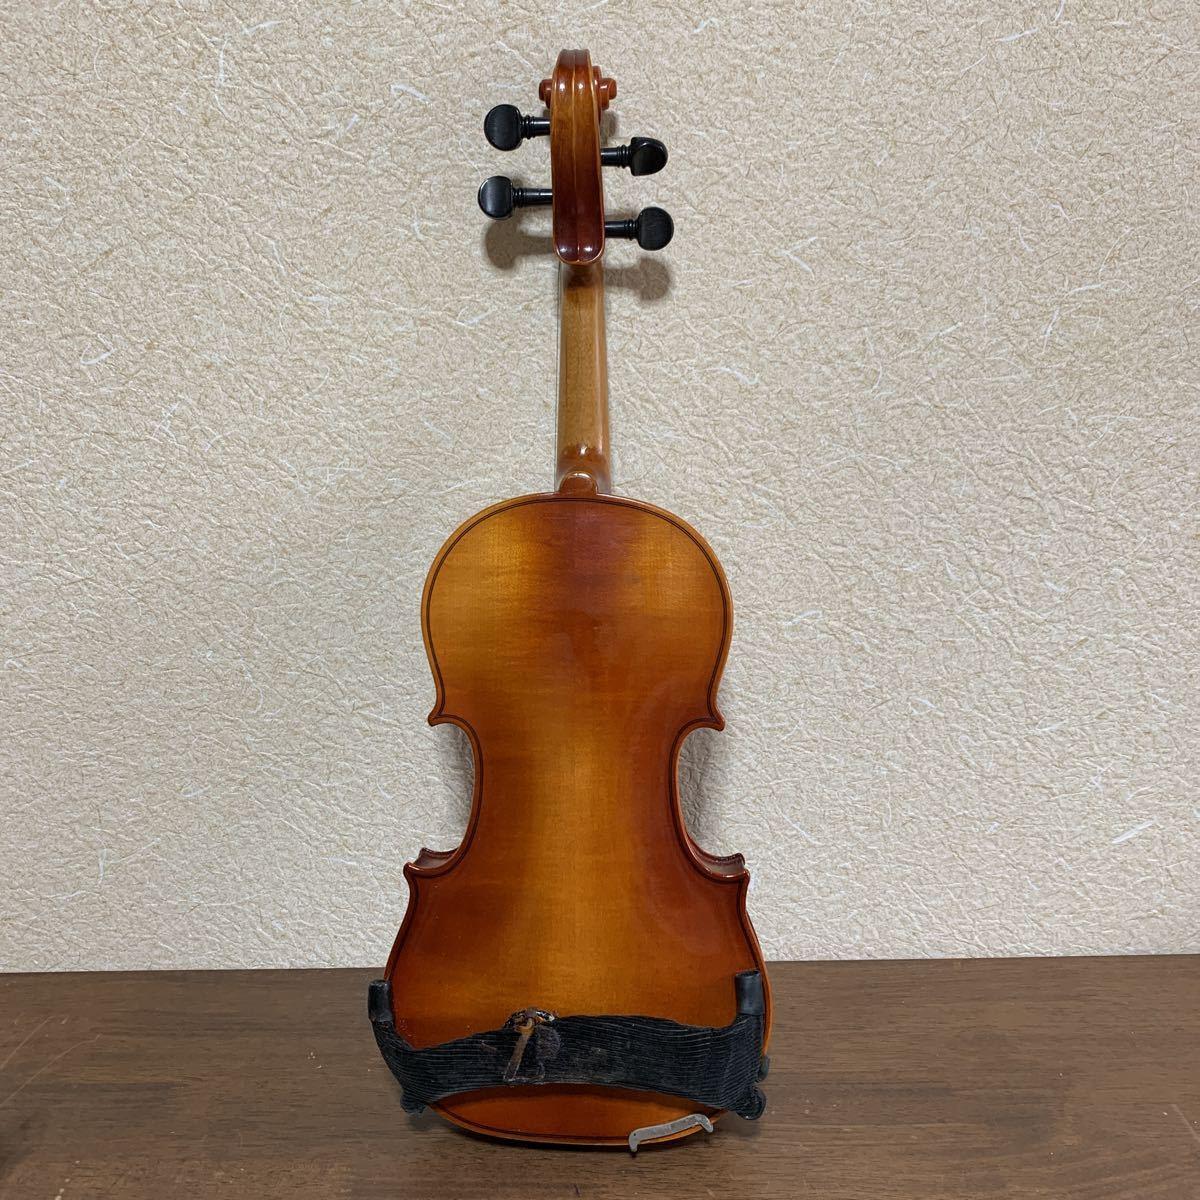 1円スタート SUZUKI 鈴木バイオリン スズキ バイオリン ハードケース付 弦楽器 中古 ジャンク_画像4